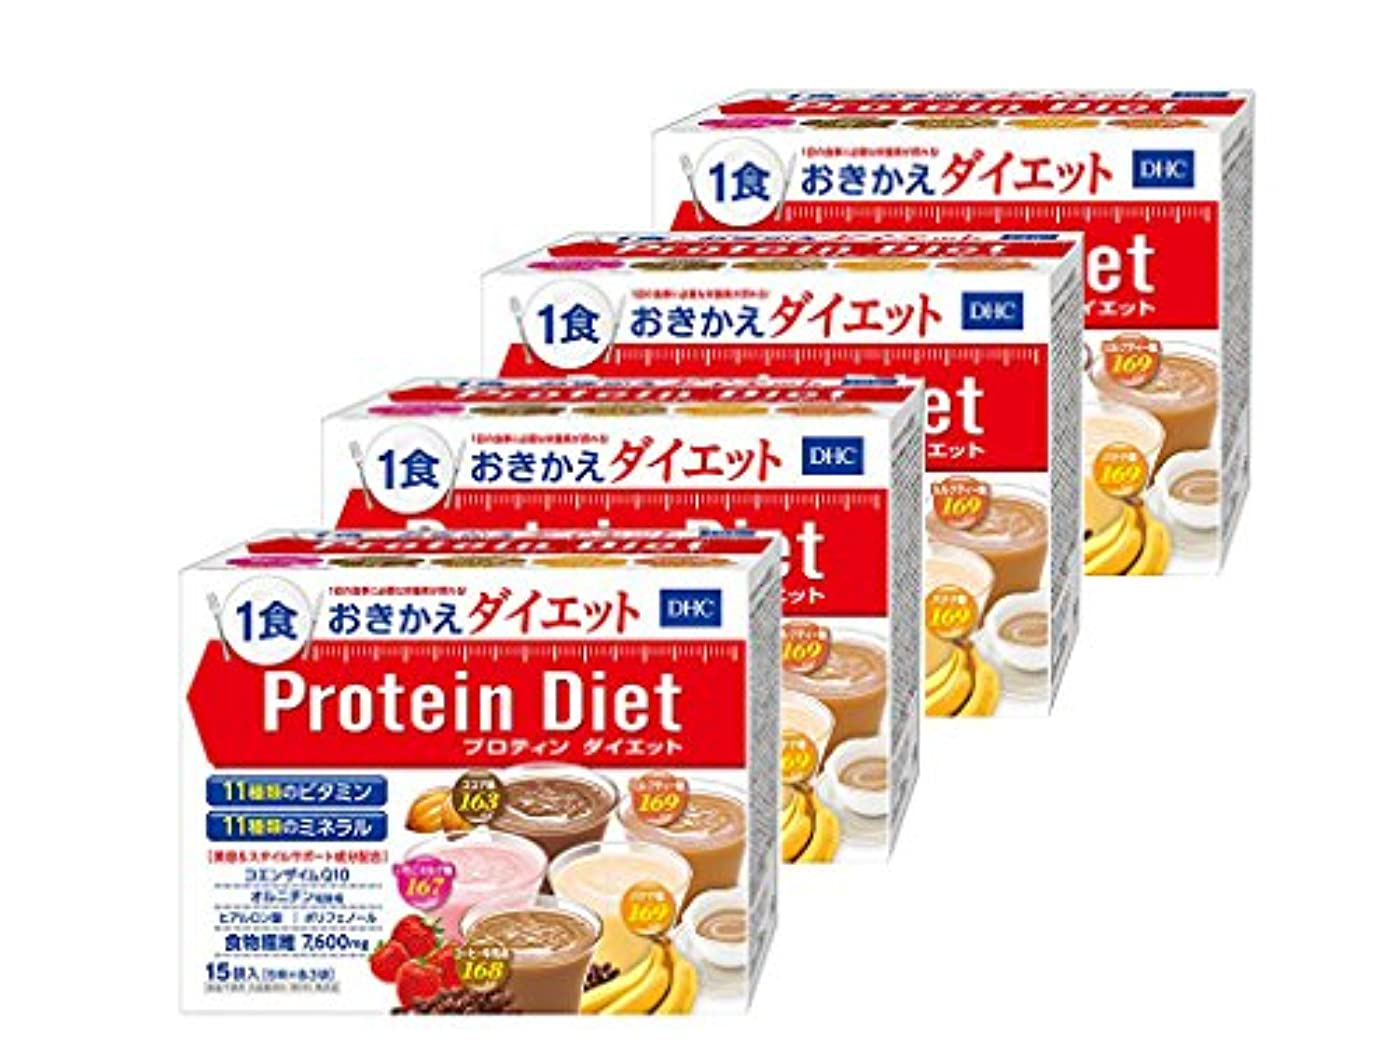 密接に仮説たっぷりDHC プロティンダイエット 1箱15袋入 4箱セット 1食169kcal以下&栄養バッチリ! リニューアル